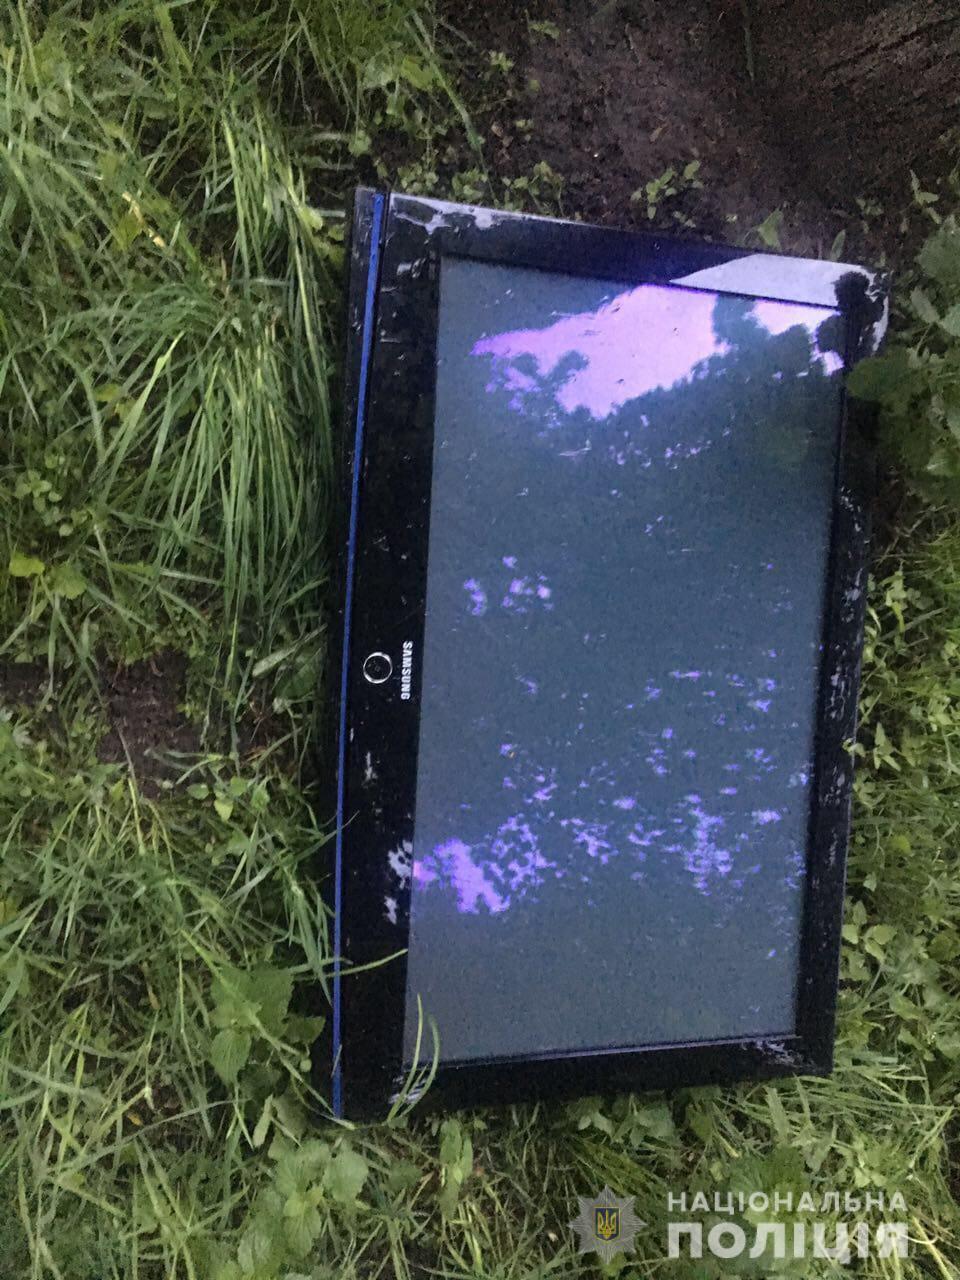 Фастівчанин вкрав плазмовий телевізор у кафе: втекти від поліції не вдалось - поліція Фастова - WhatsApp Image 2019 05 16 at 10.49.07 AM